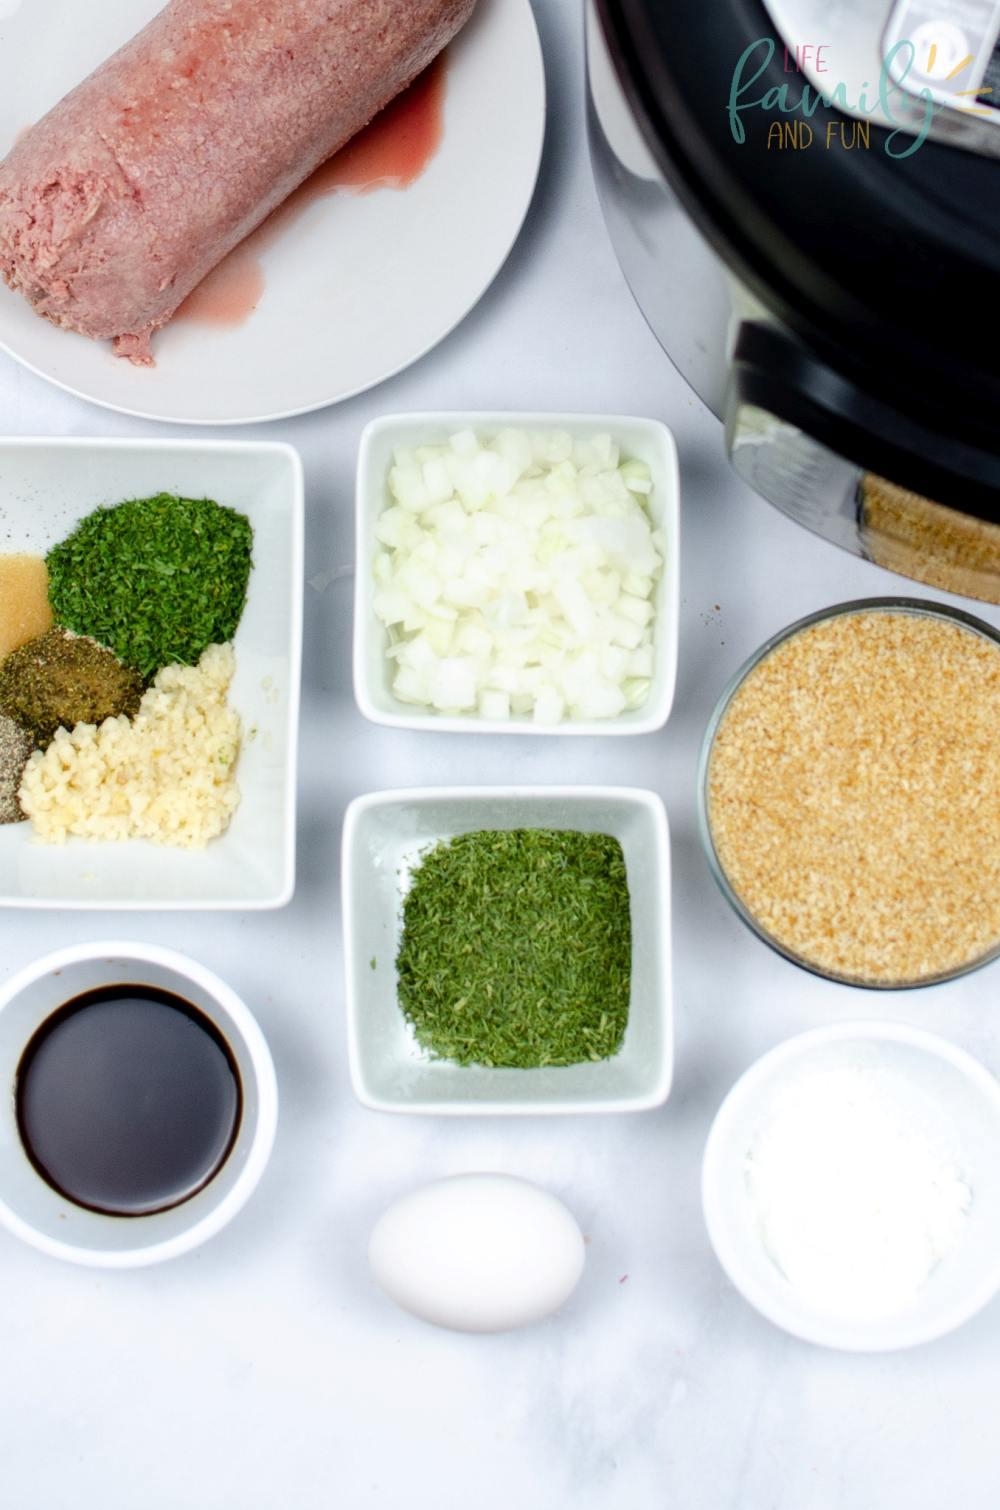 Ingredients forInstant Pot Swedish Meatballs recipe: